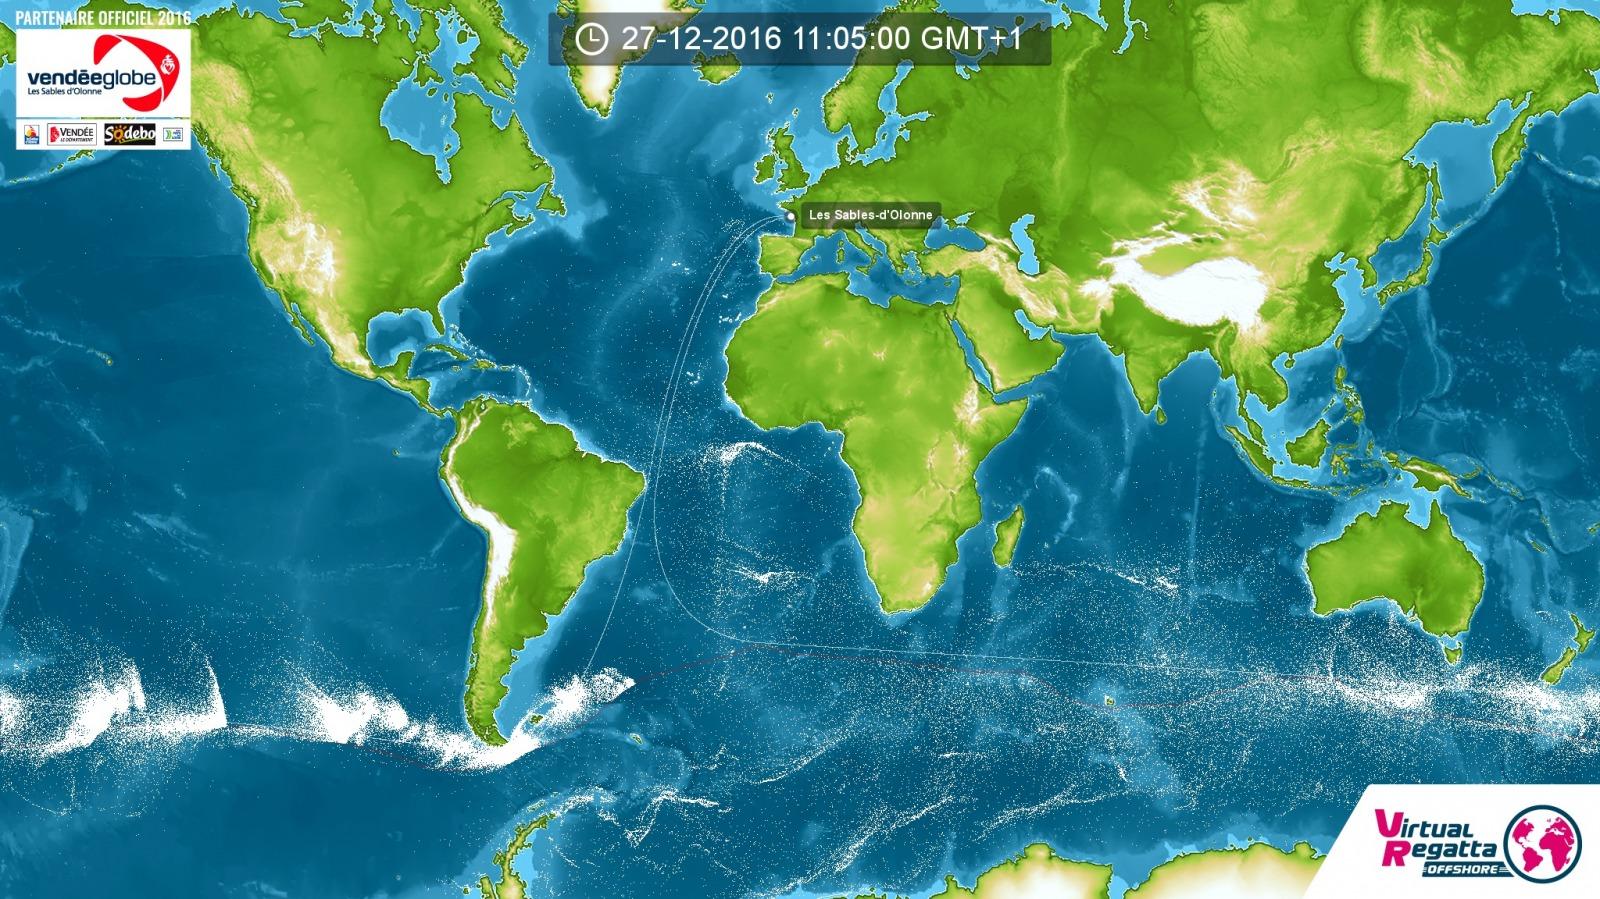 vendée globe, suivez la course ! - Page 11 Vr-news-27-satellite-dec-r-1600-1200